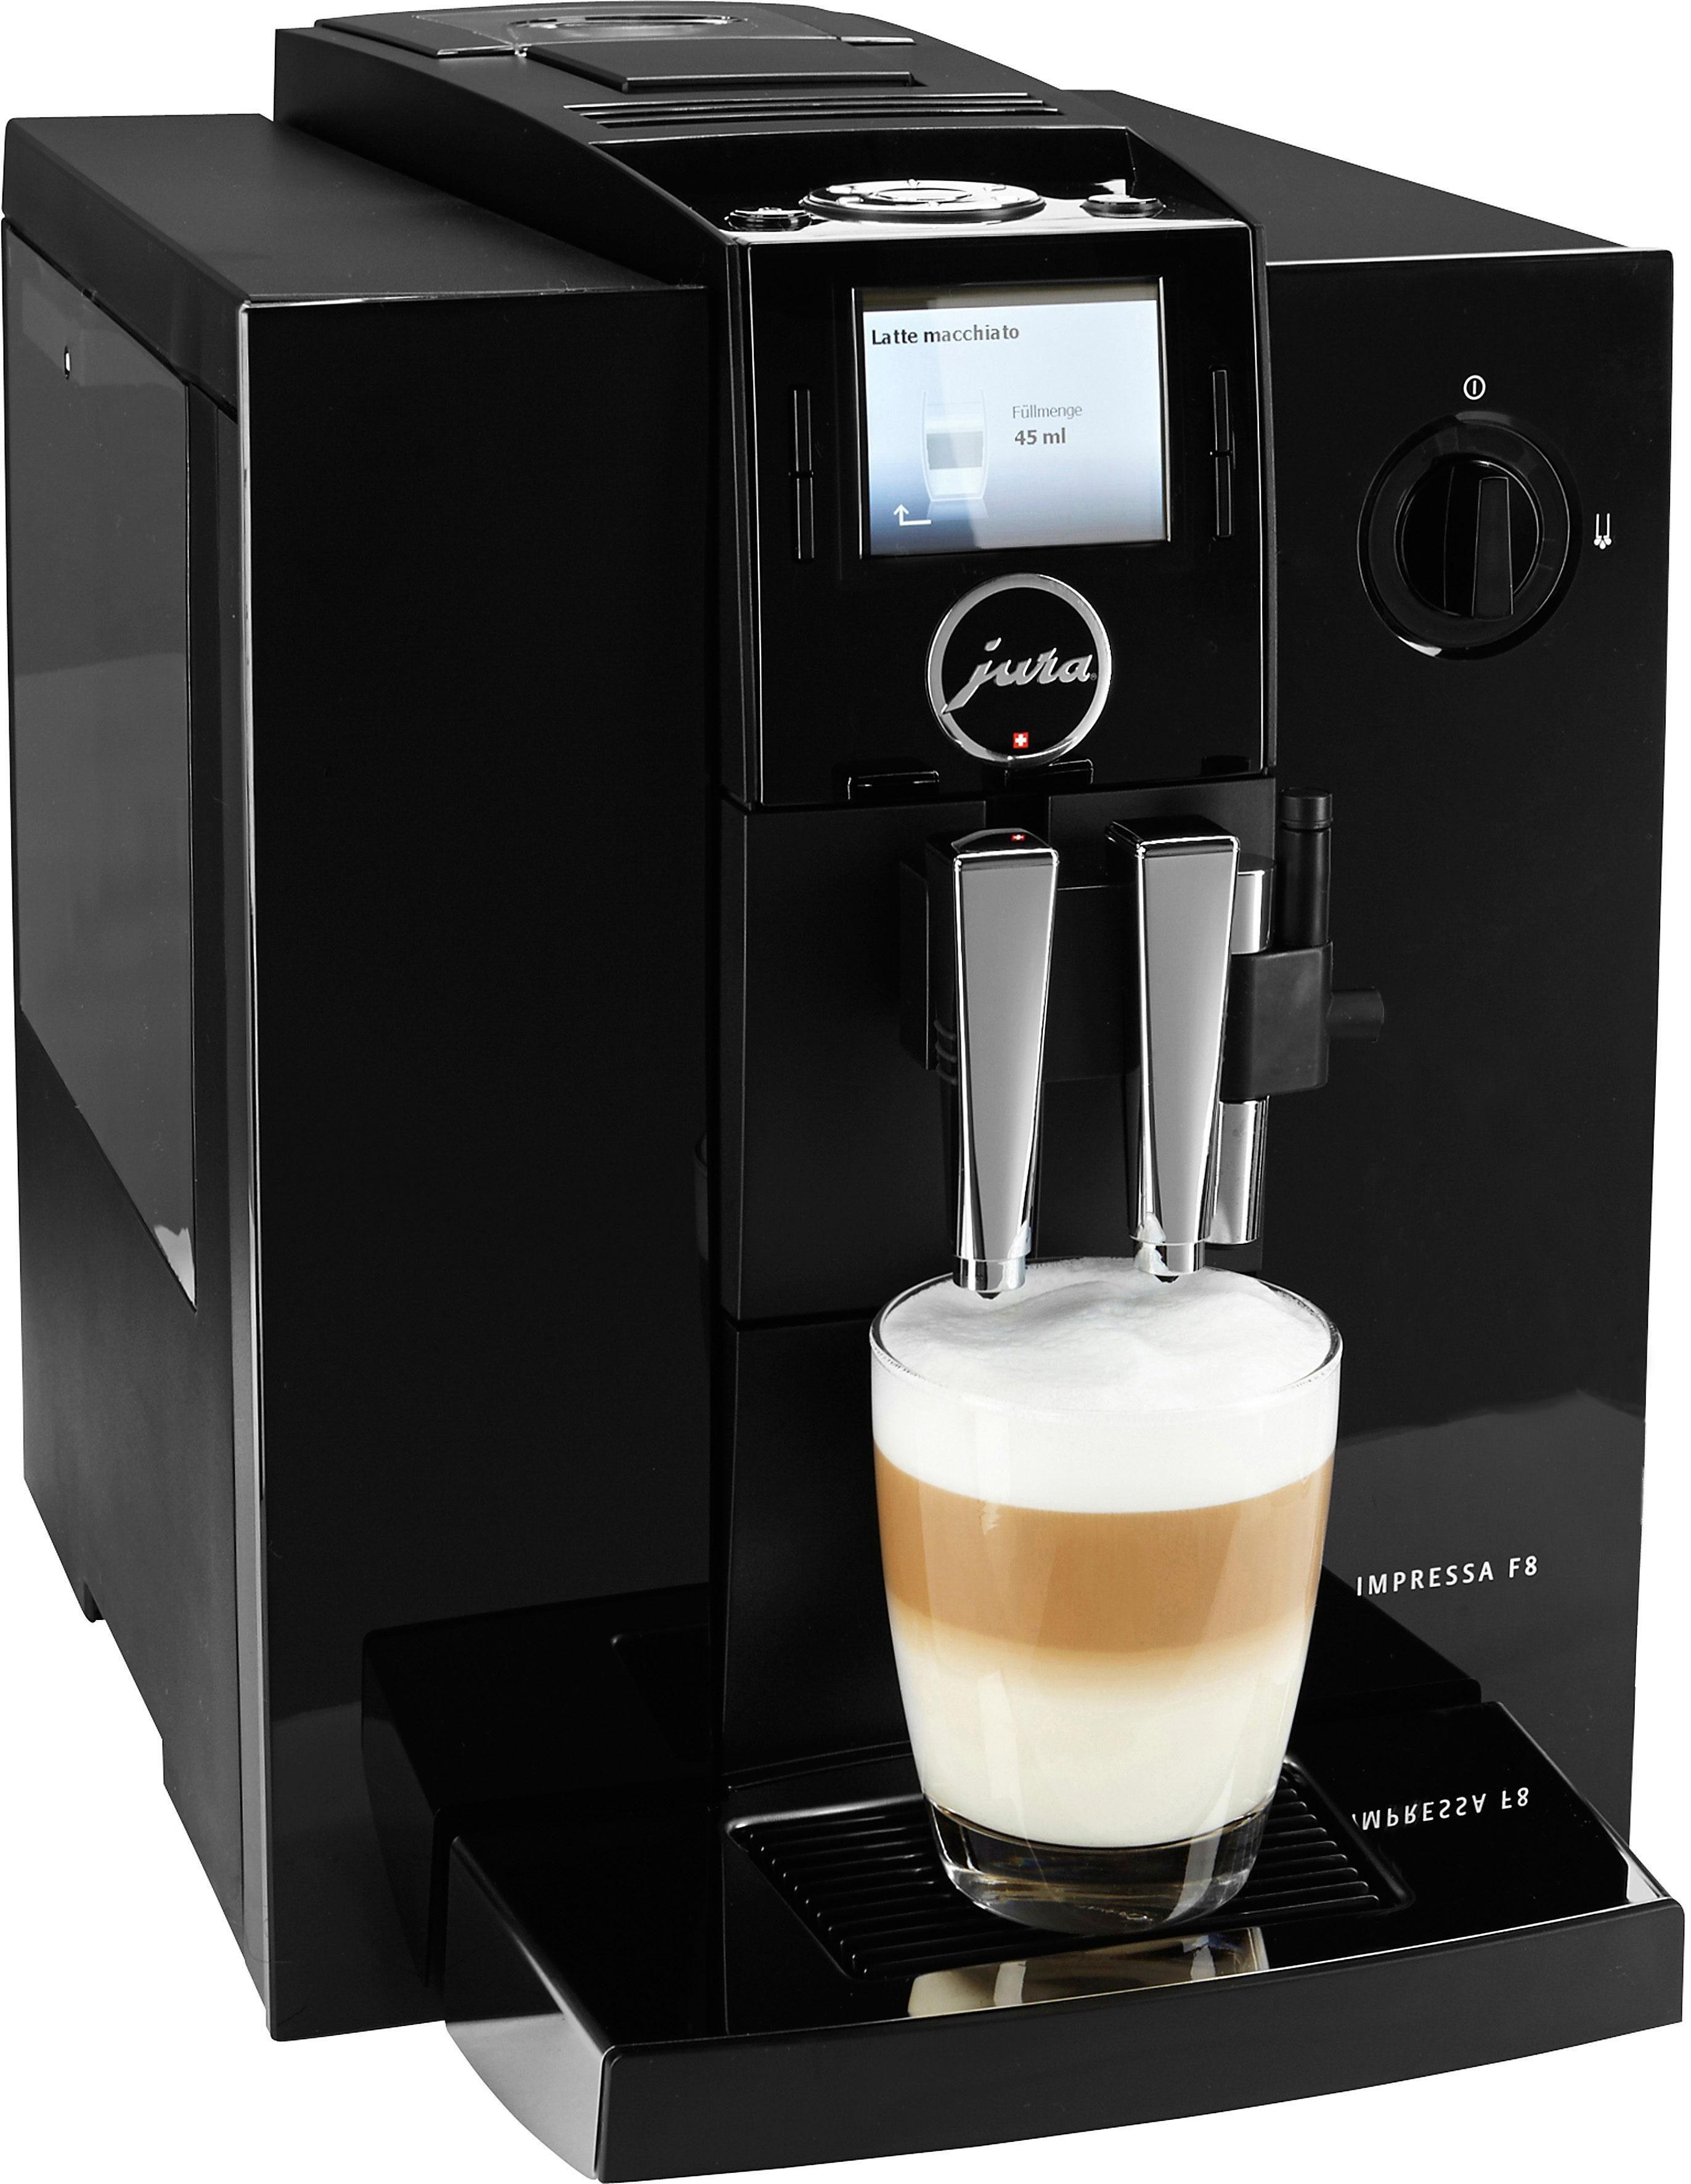 Jura Kaffeevollautomat 13731 IMPRESSA F8, 2,8 Zoll TFT Farbdisplay